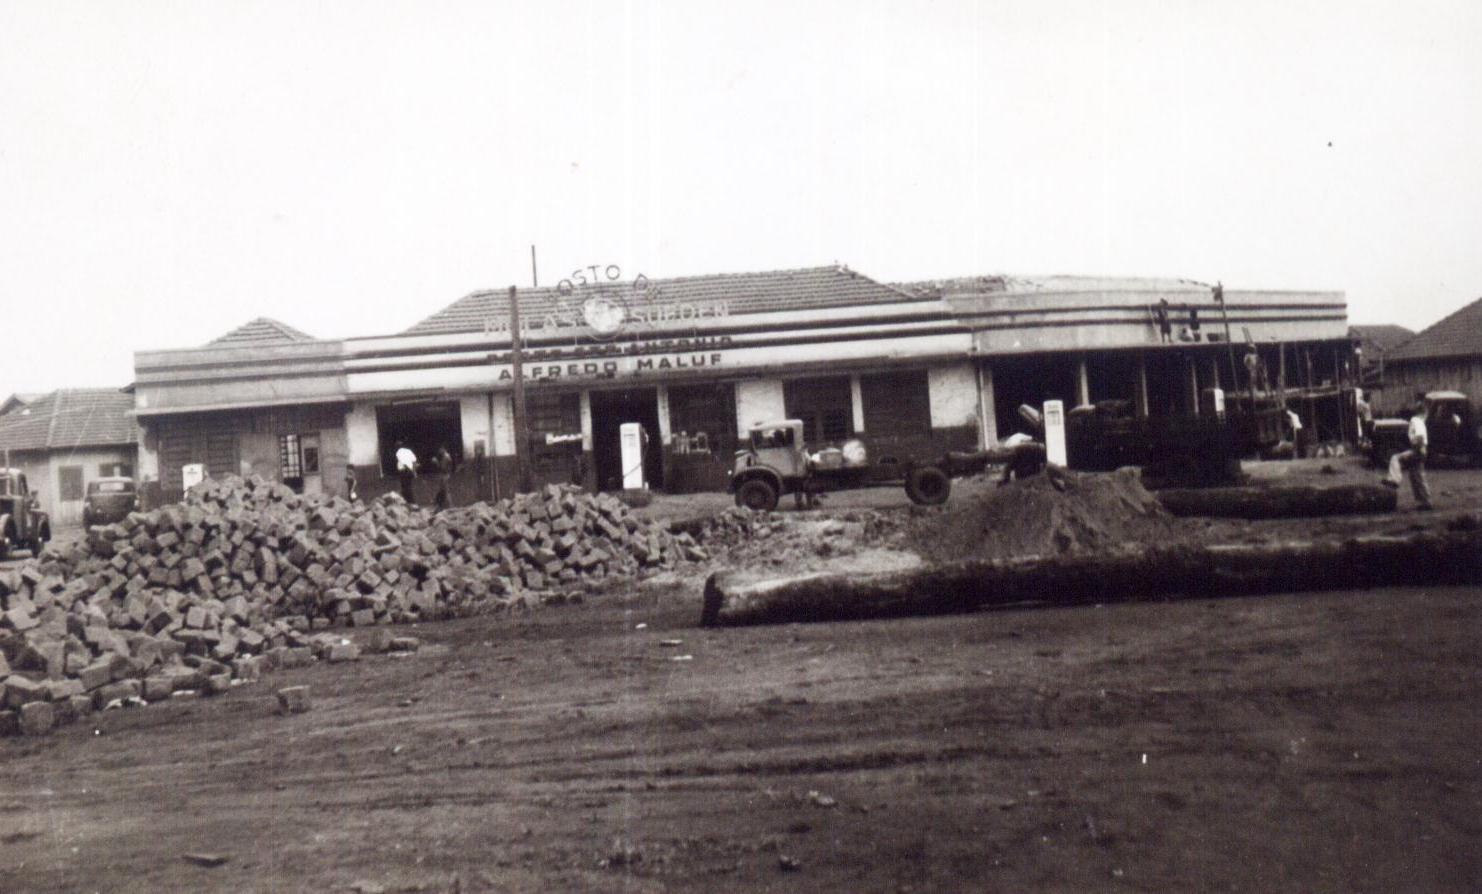 Posto Santo Antônio - Posto Maluf - Década de 1950